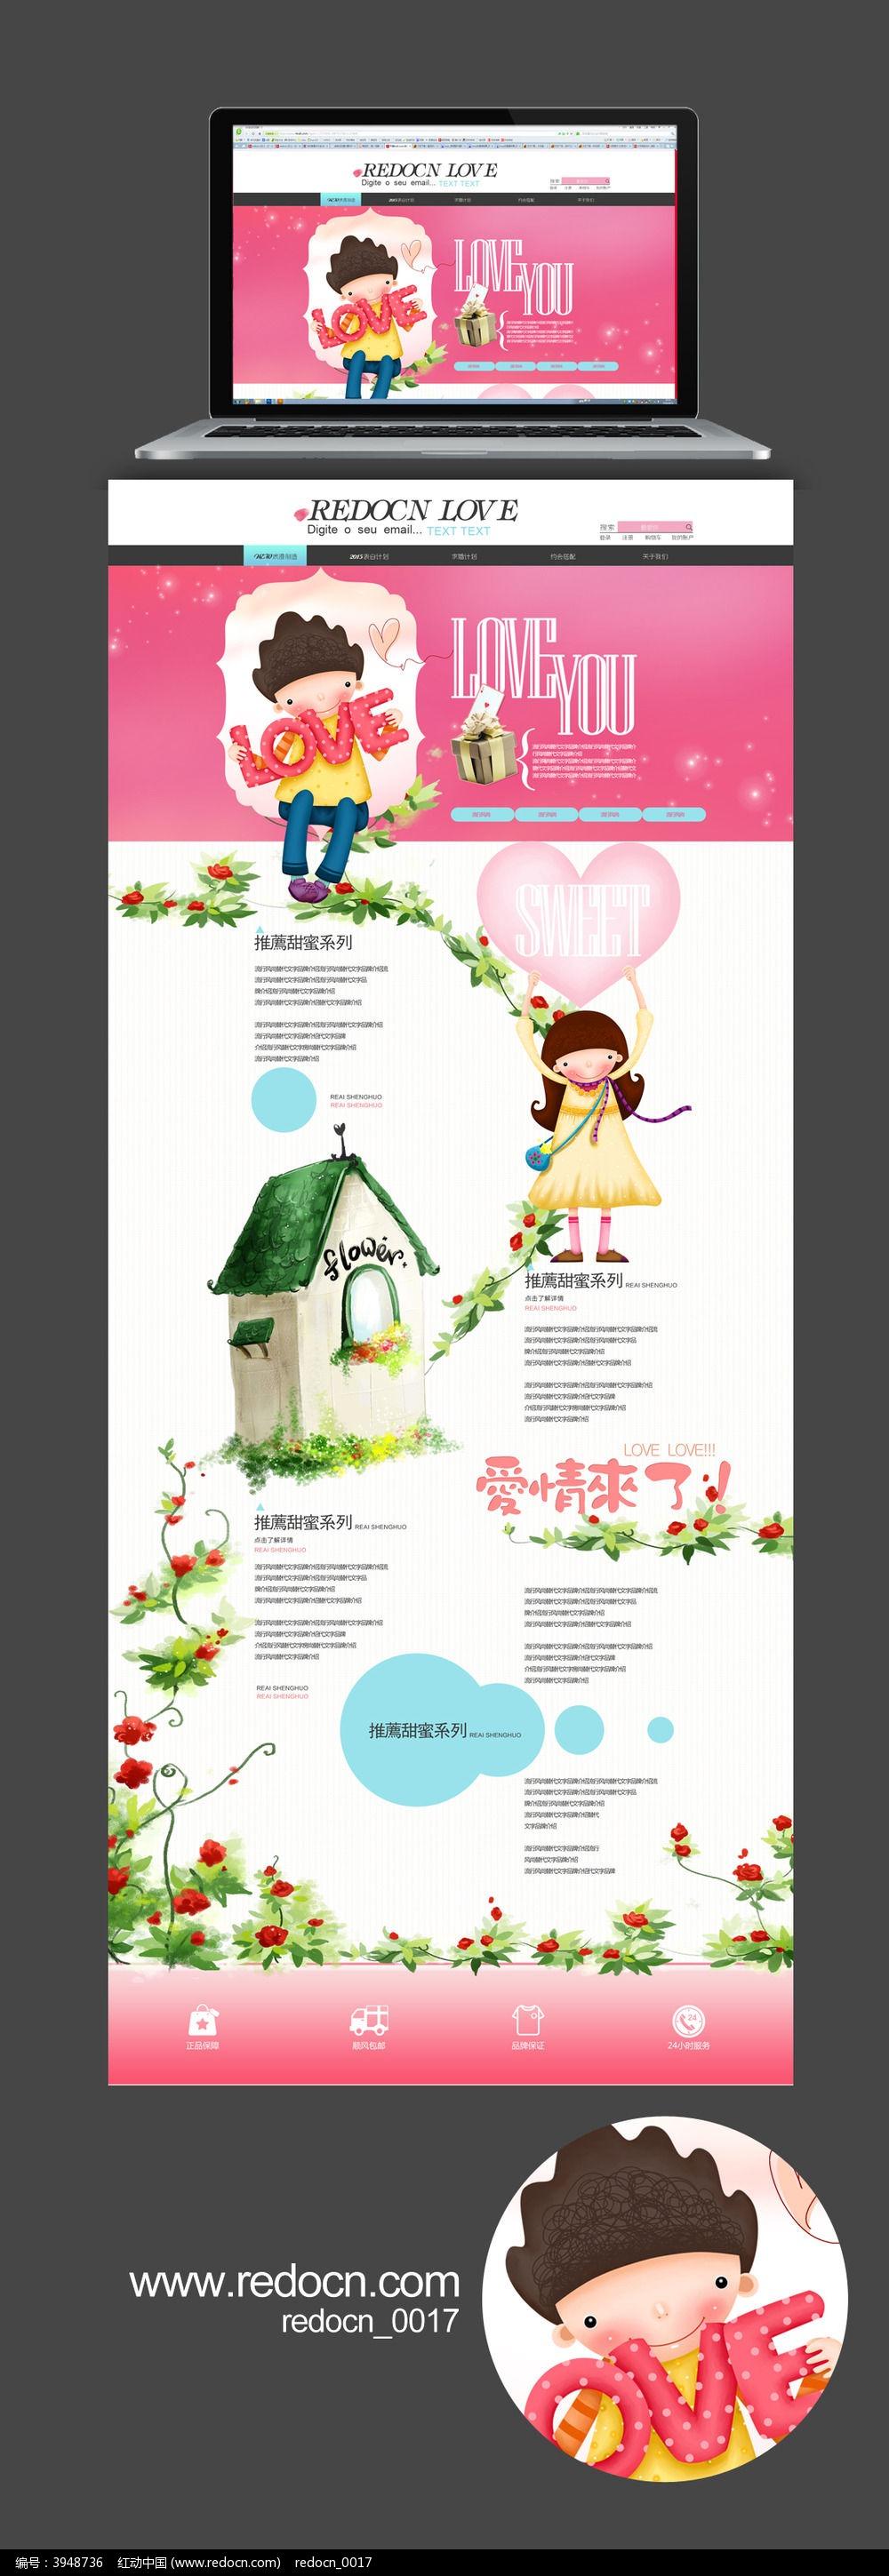 卡通淘宝情人节活动专题首页设计图片